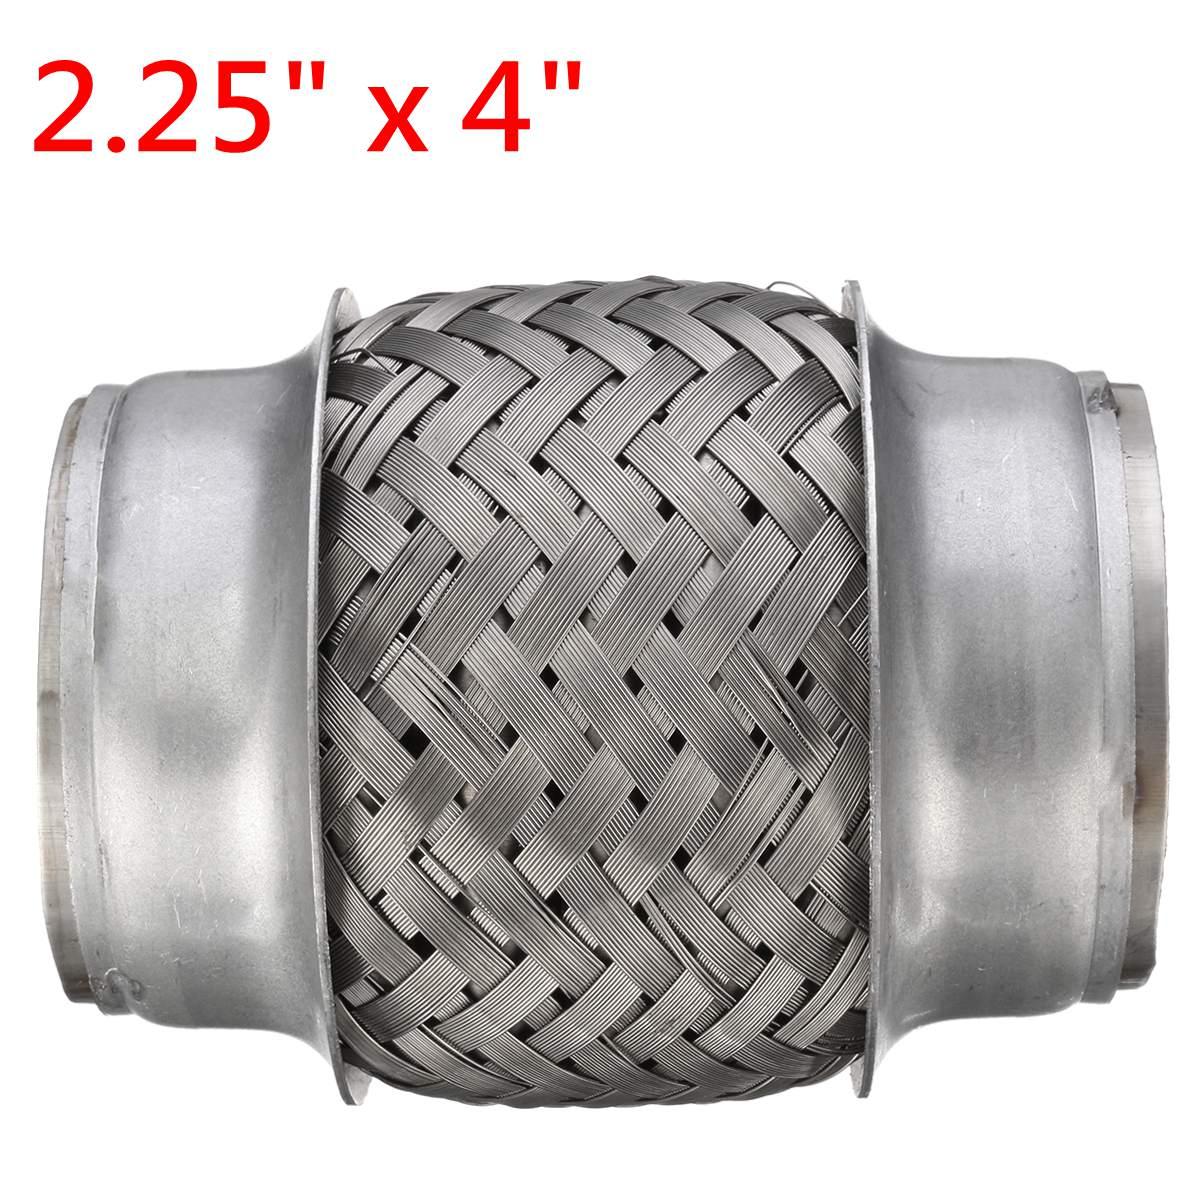 """Гибкая соединительная труба для ремонта гибких соединений 2,25 """"x 4"""" 57 мм X 105 мм"""